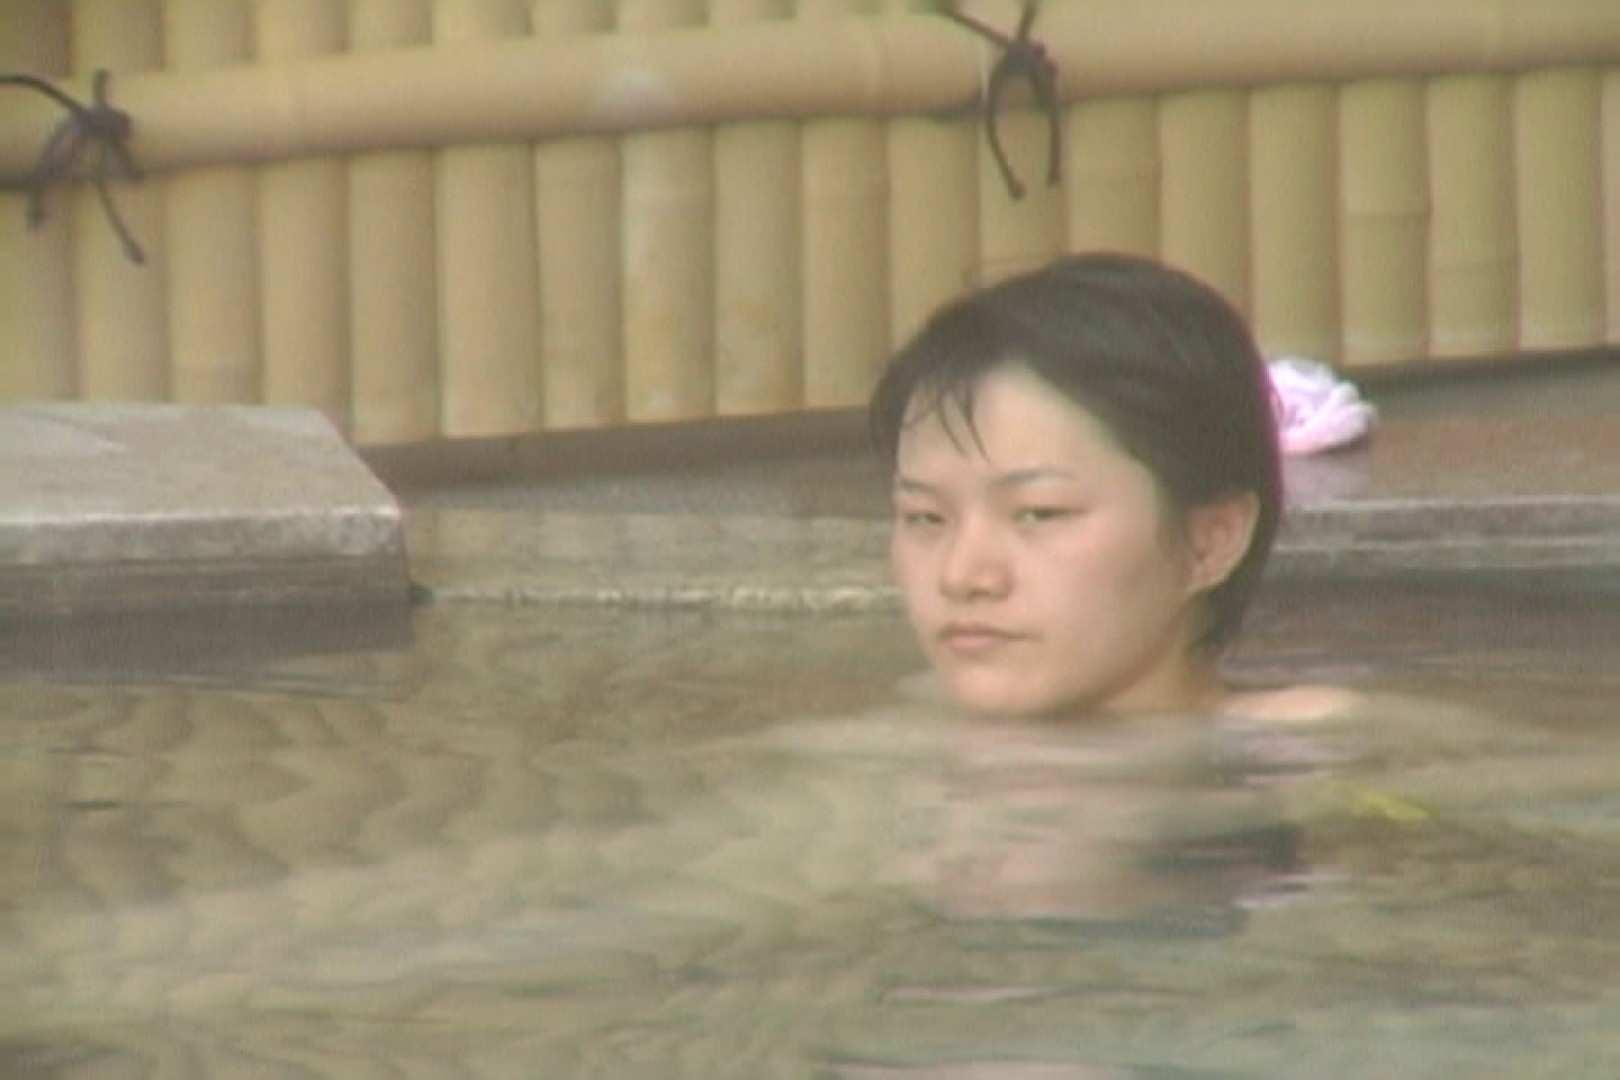 Aquaな露天風呂Vol.116 OL  54pic 4